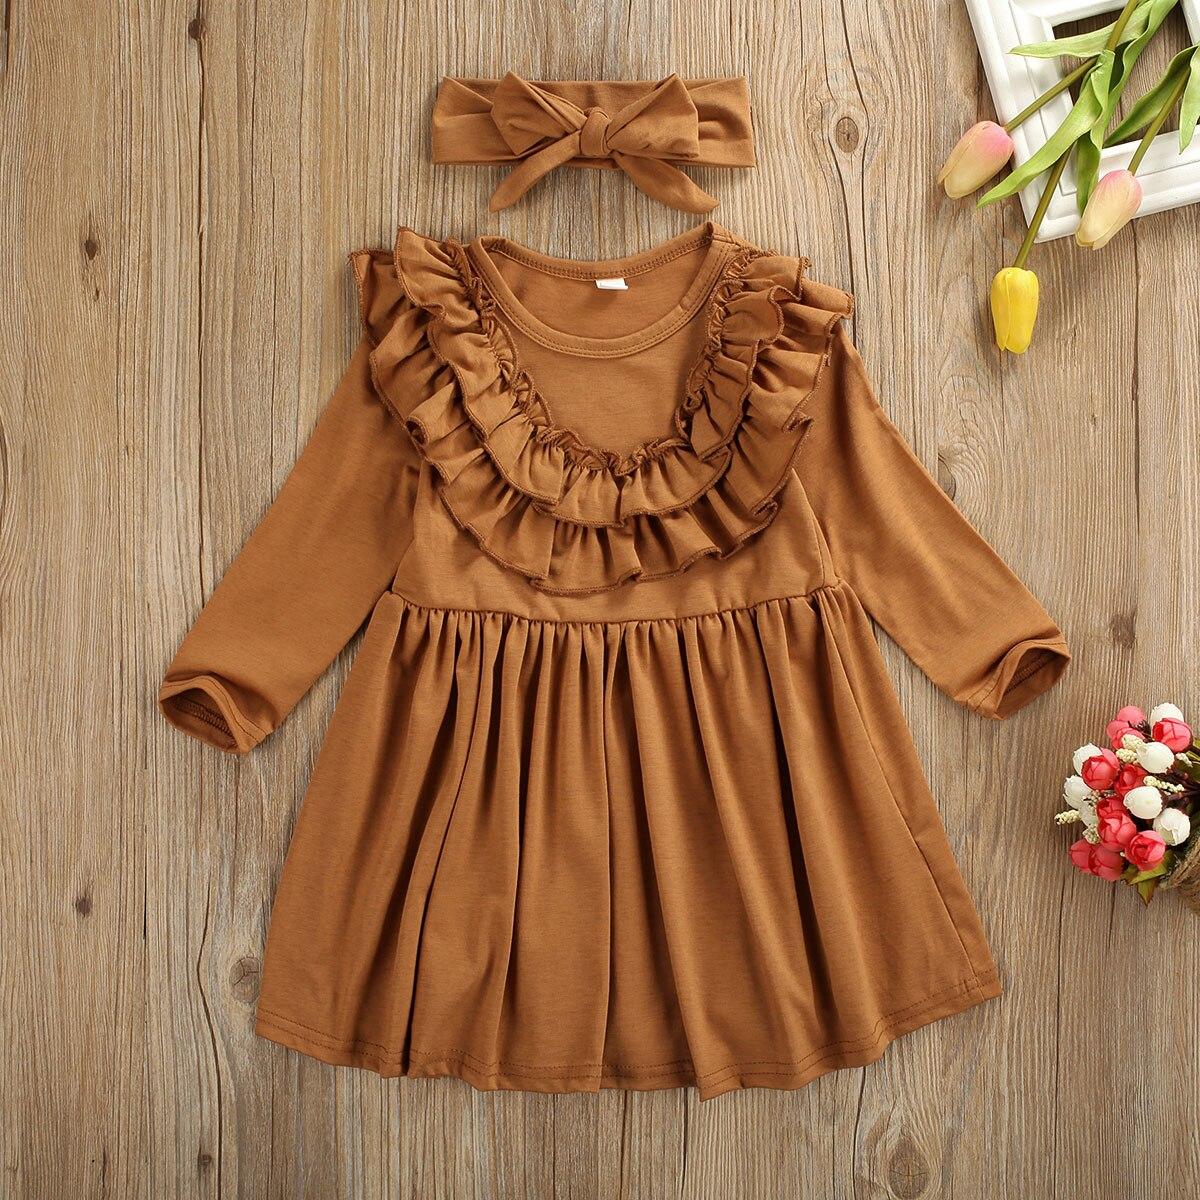 Baby Girl filles à manches courtes volants volants Haut Tunique Robe T-shirt kid enfant Tee